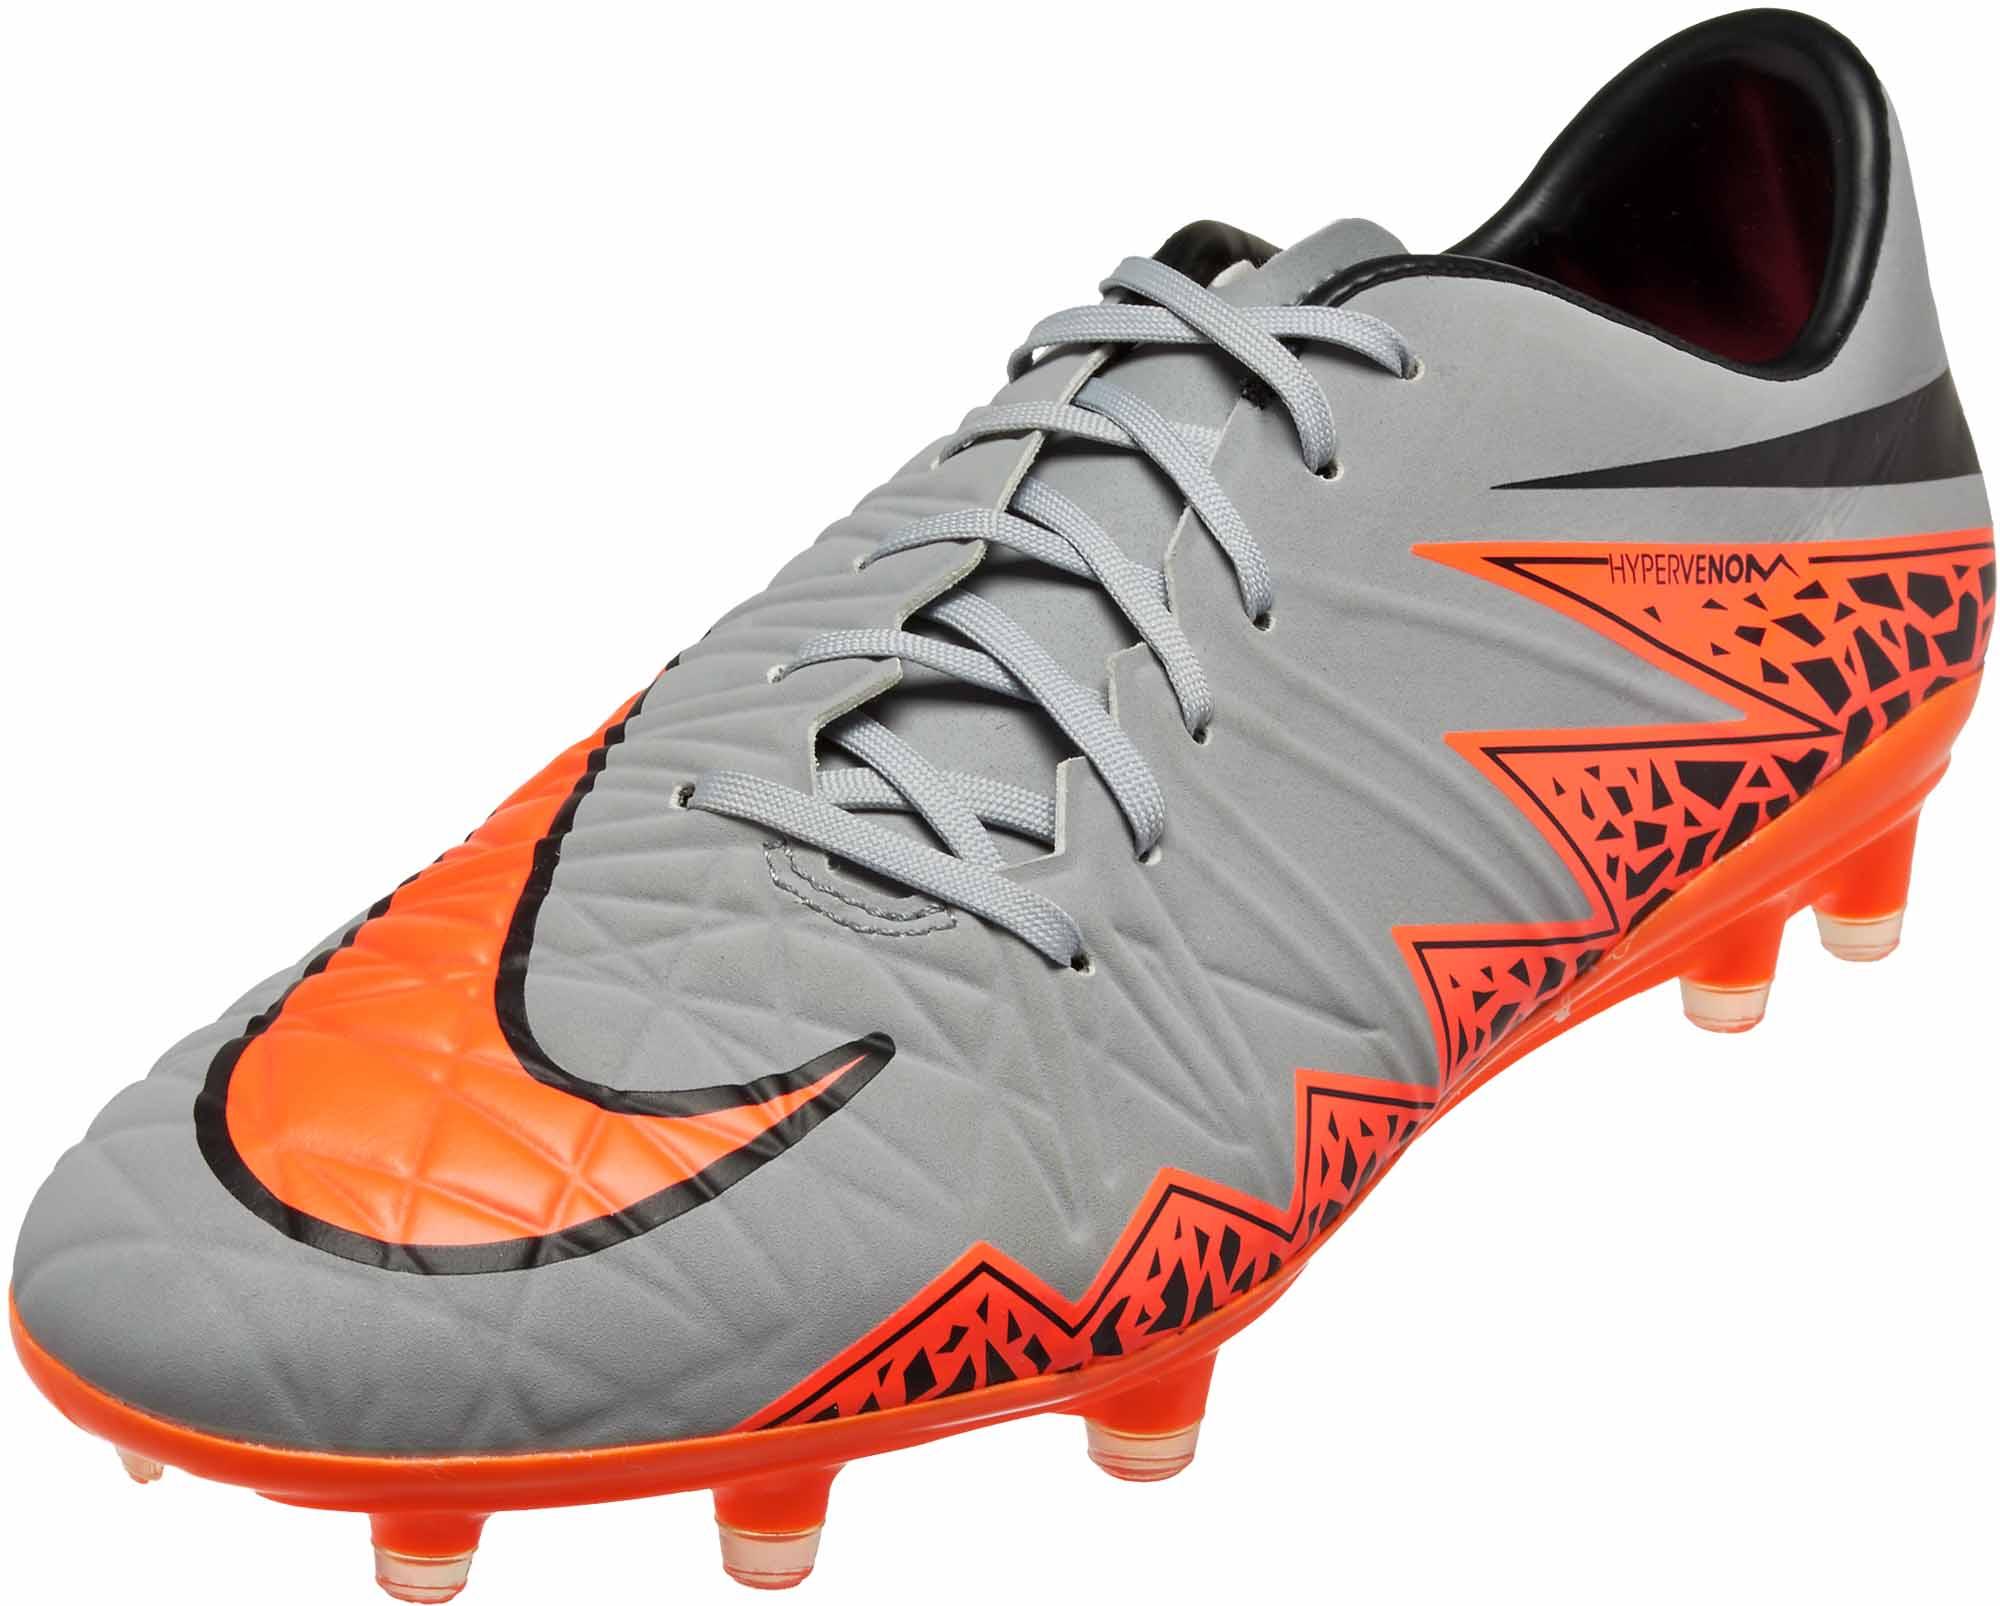 68f8b316a45 Nike Hypervenom Phatal II - Grey Hypervenom 2 FG Soccer Cleats